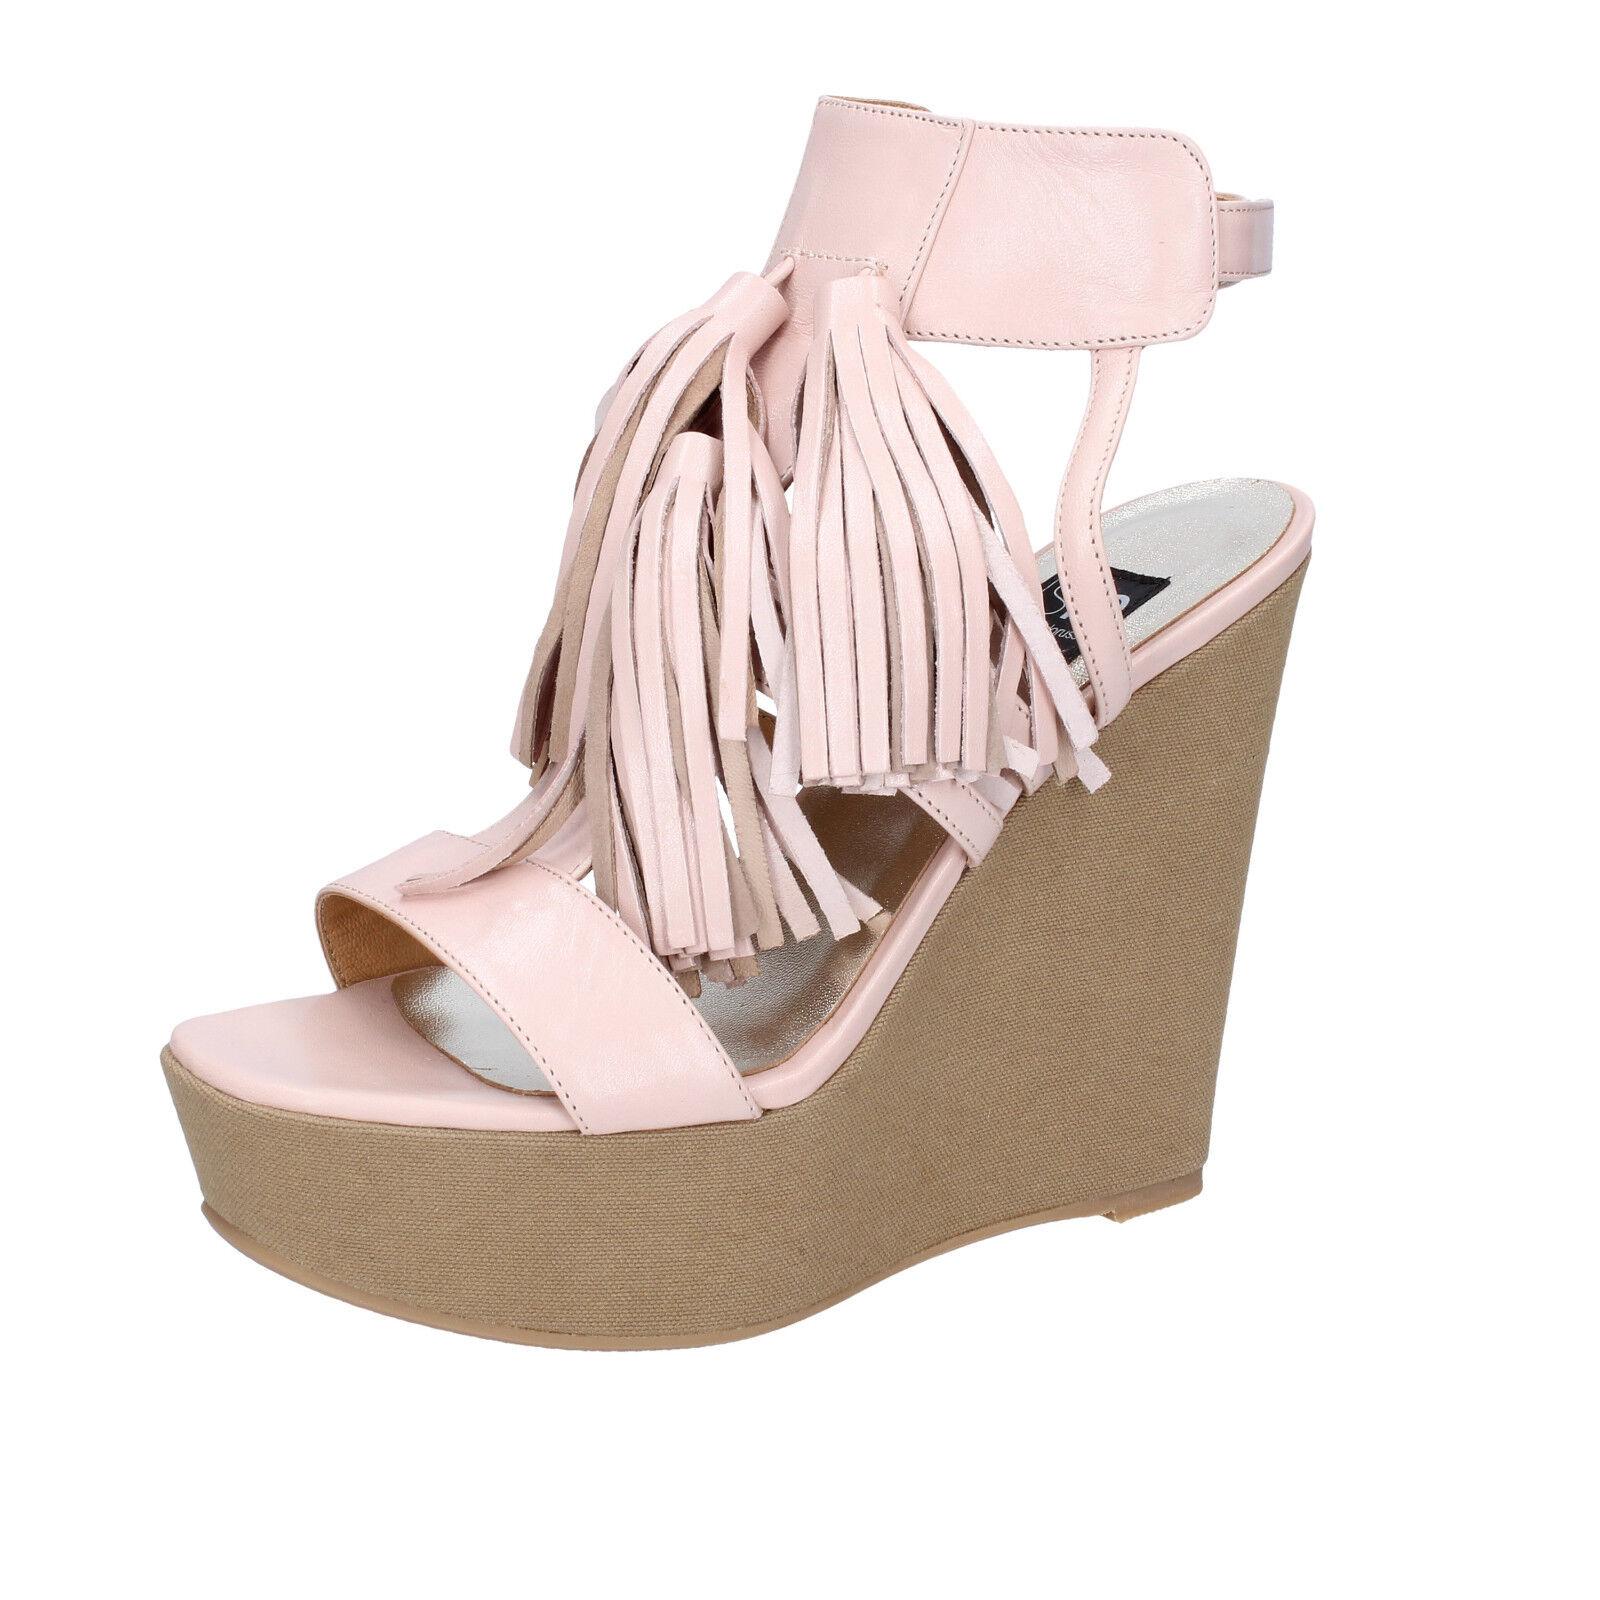 scarpe donna ISLO cipria ISABELLA LORUSSO 39 EU sandali rosa cipria ISLO pelle BZ331-E 4b2cf1